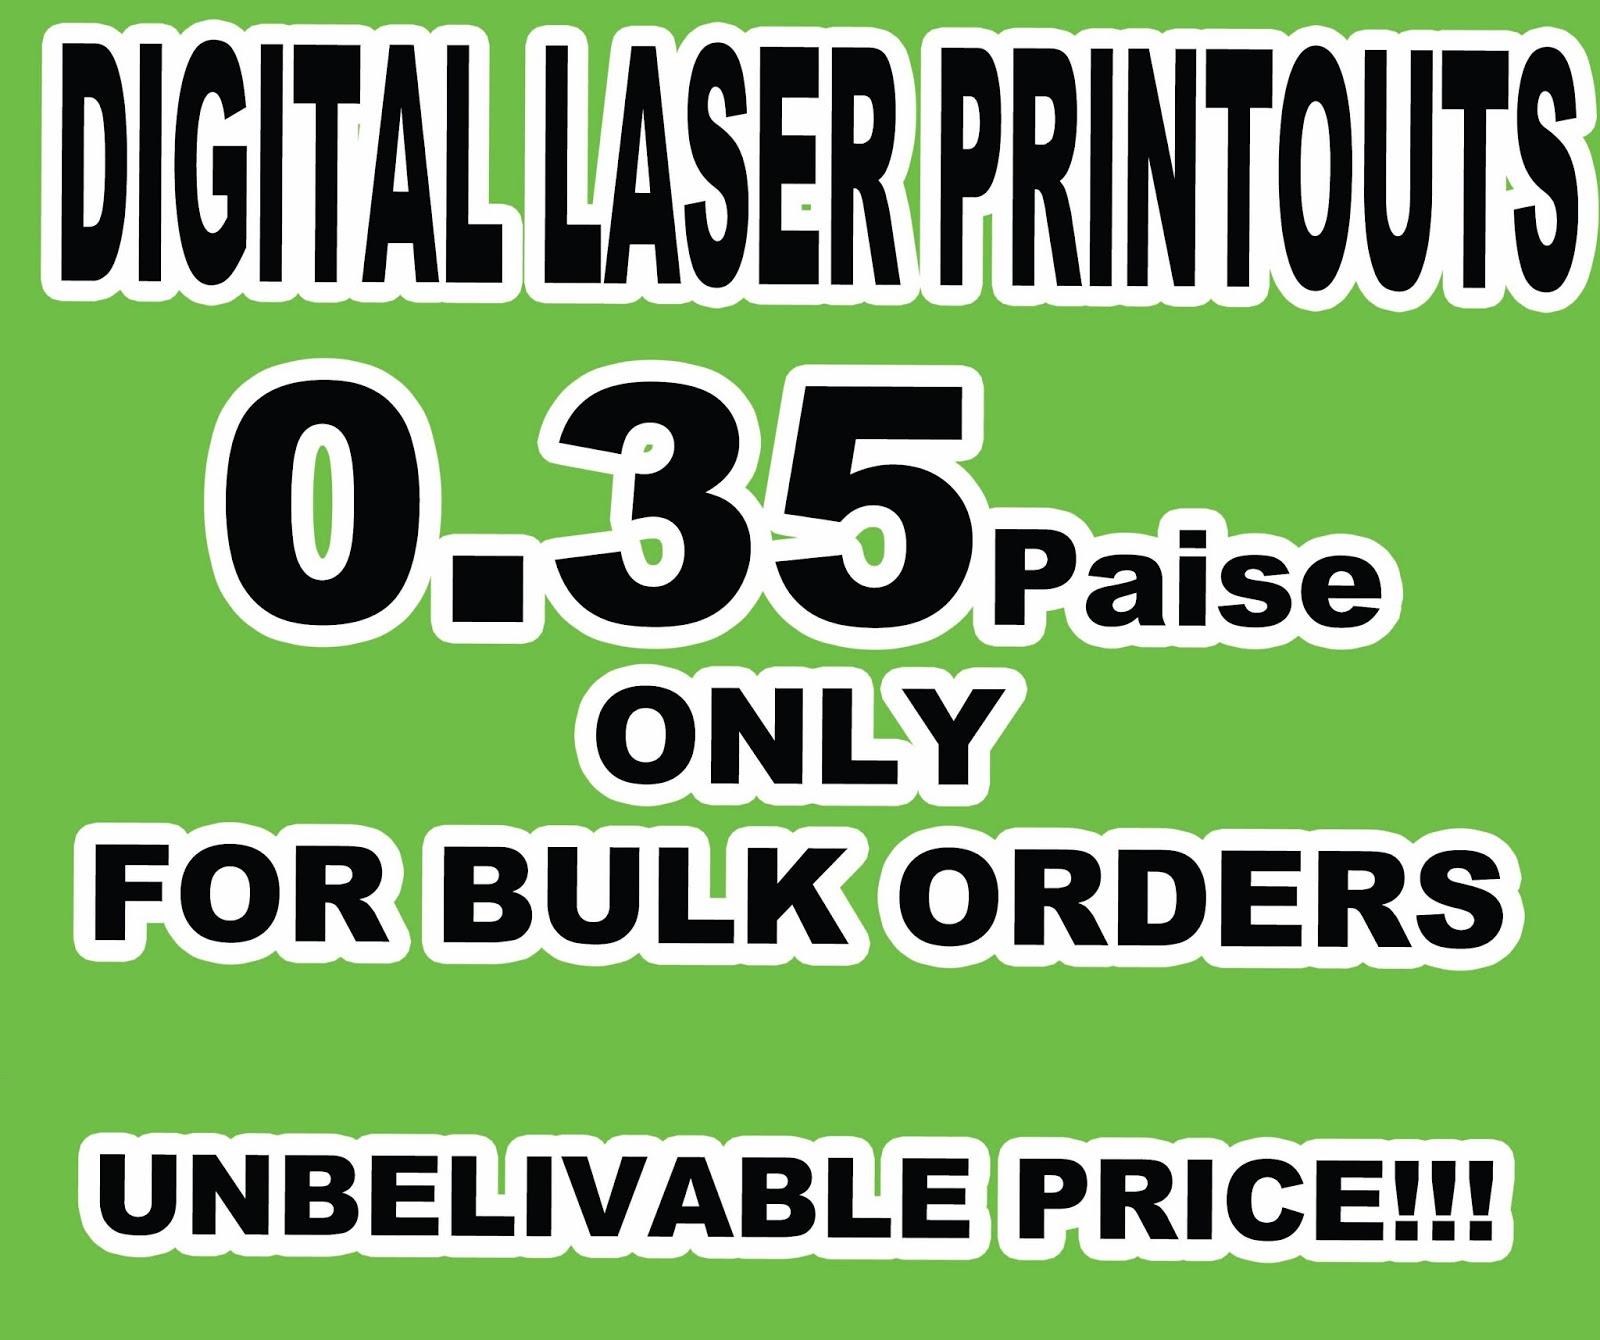 Color printout price in delhi - Color Printout Price In Chennai 11